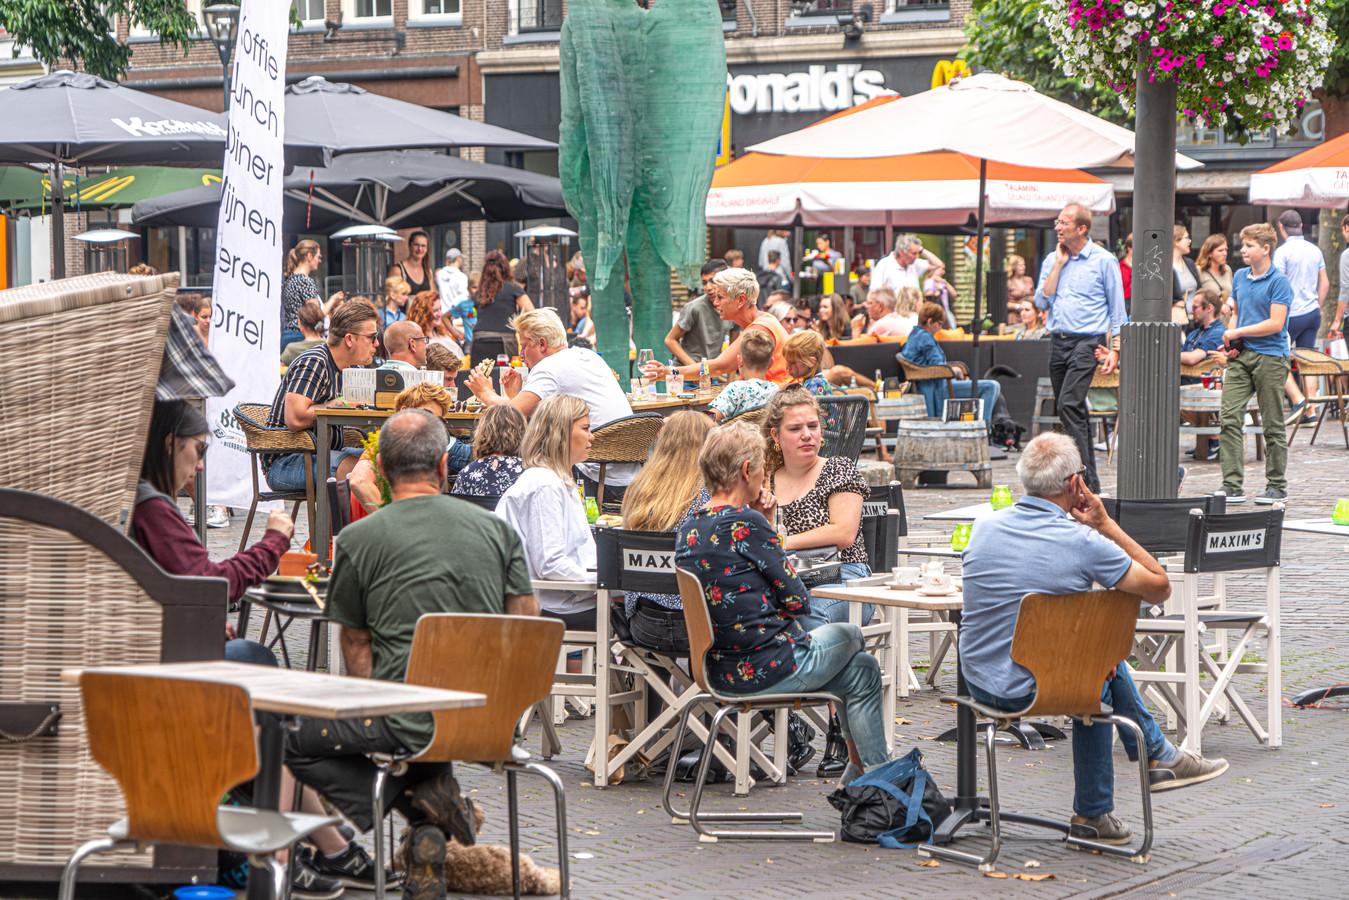 Voordat deze Zwolse terrassen buitenstonden, heeft de horeca een flinke klap te verduren gehad door de lockdown. Toch valt het mee hoeveel last de 'lockdownsectoren' in Oost-Nederland van de sluiting hadden, volgens Rabobank.